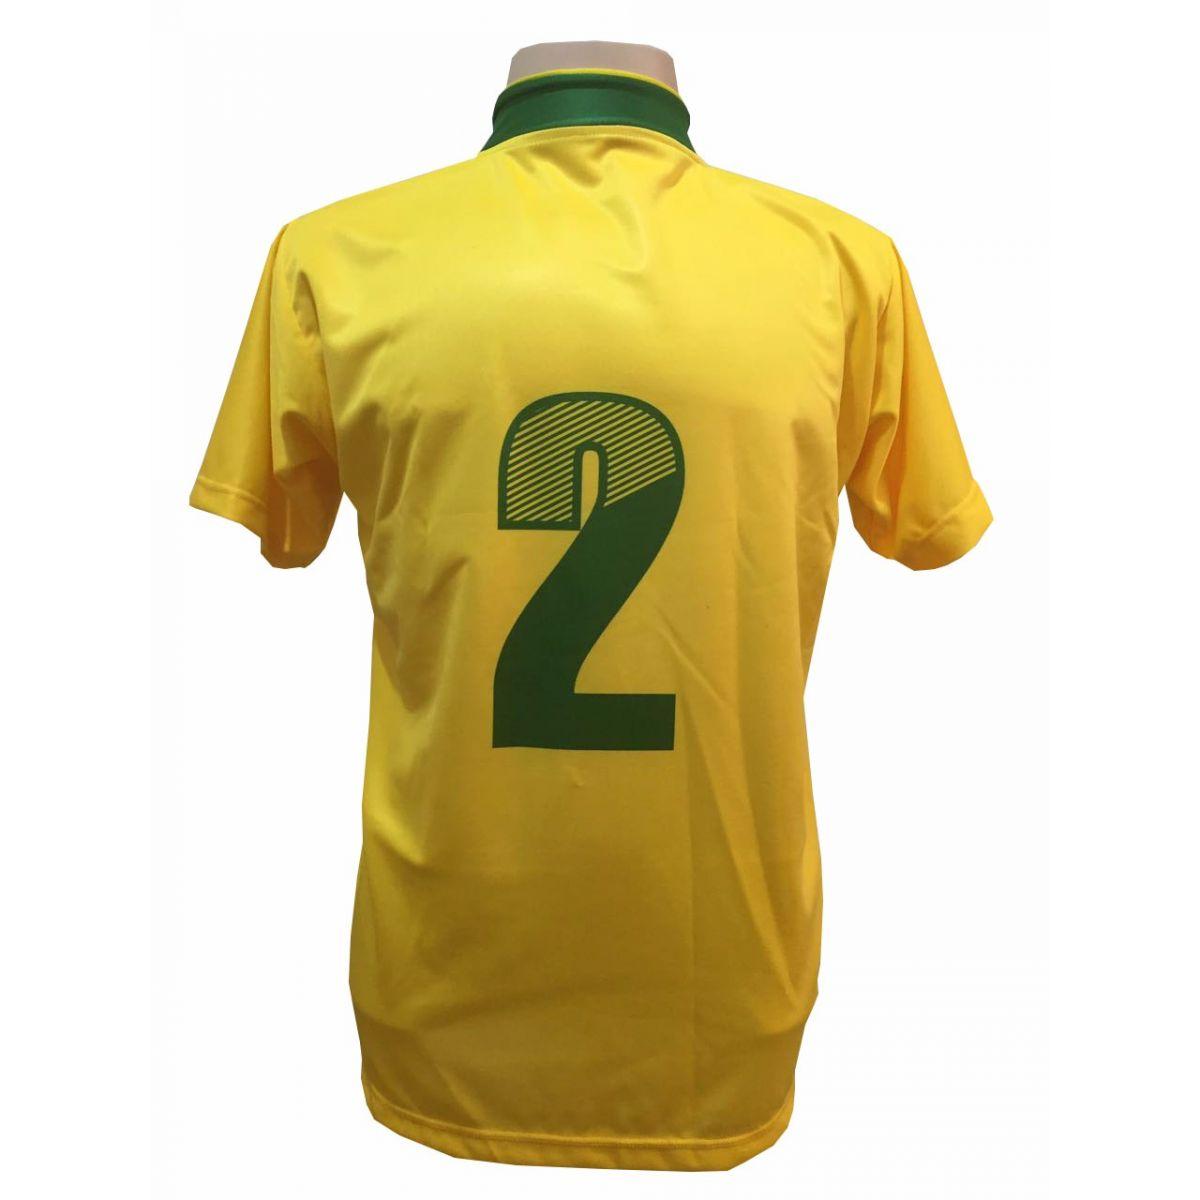 Uniforme Esportivo com 14 camisas modelo Palermo Amarelo/Verde + 14 calções modelo Madrid Verde + 14 pares de meiões Amarelo